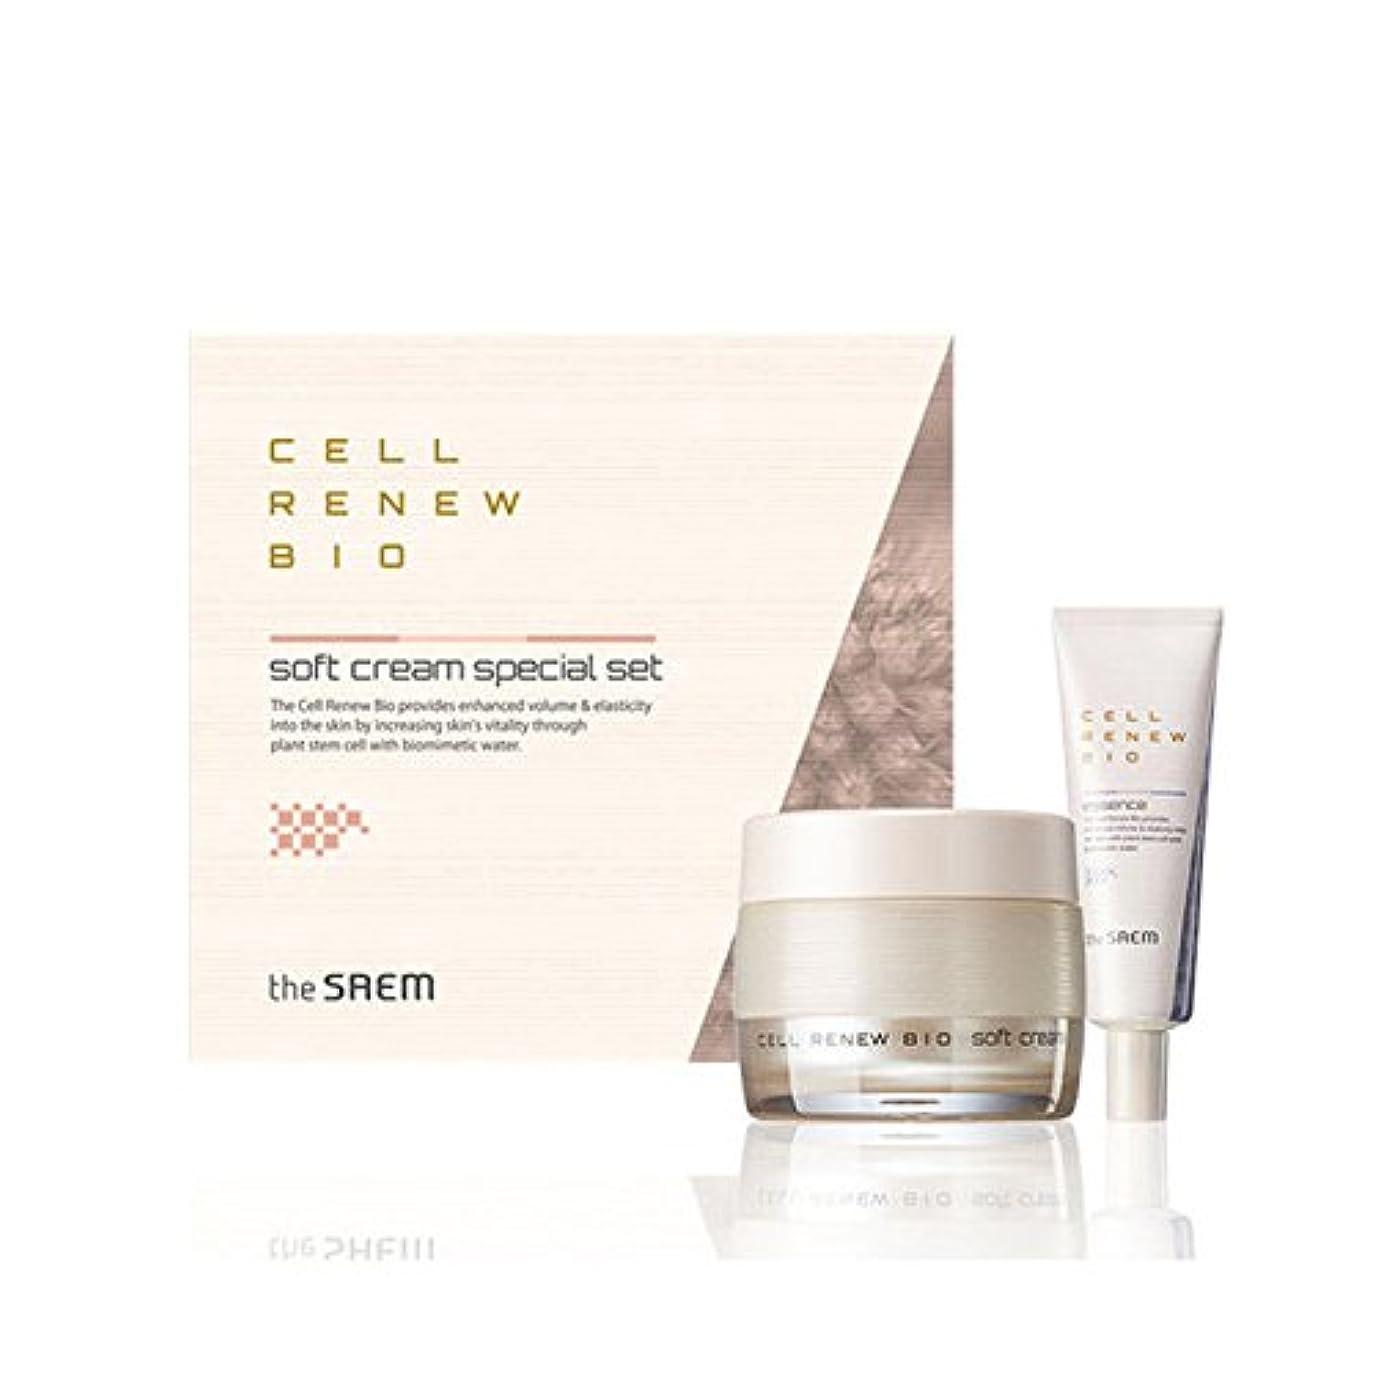 貫通する魅力名義で[ザセム] The Saem セルリニュー バイオ クリーム スペシャルセット Cell Renew Bio Cream Special Set (海外直送品) [並行輸入品]